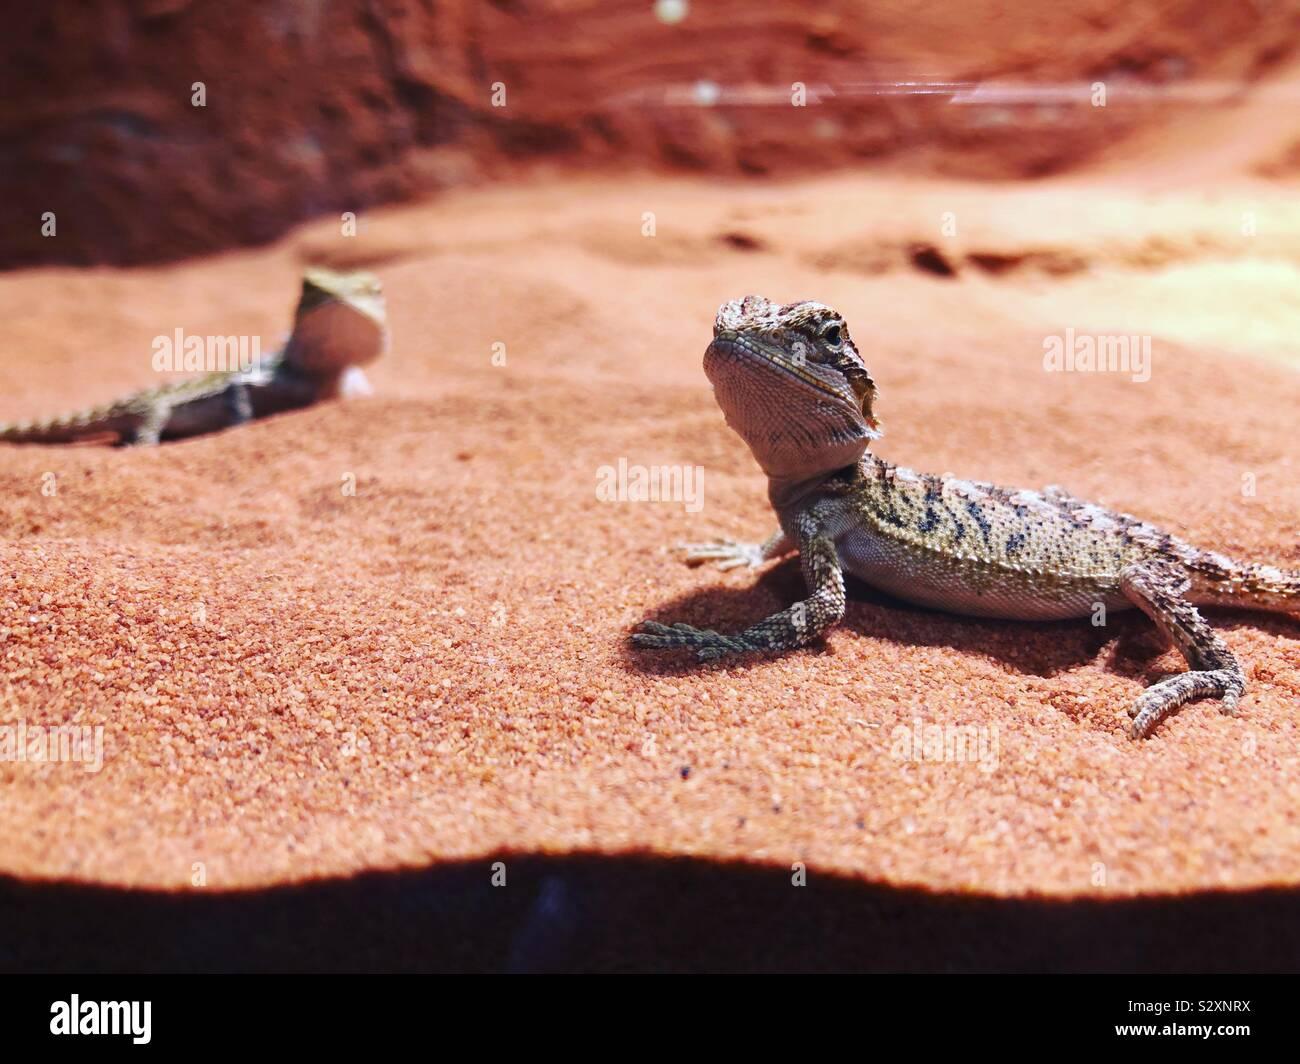 Joven barbudo dos dragones en su terrario Foto de stock